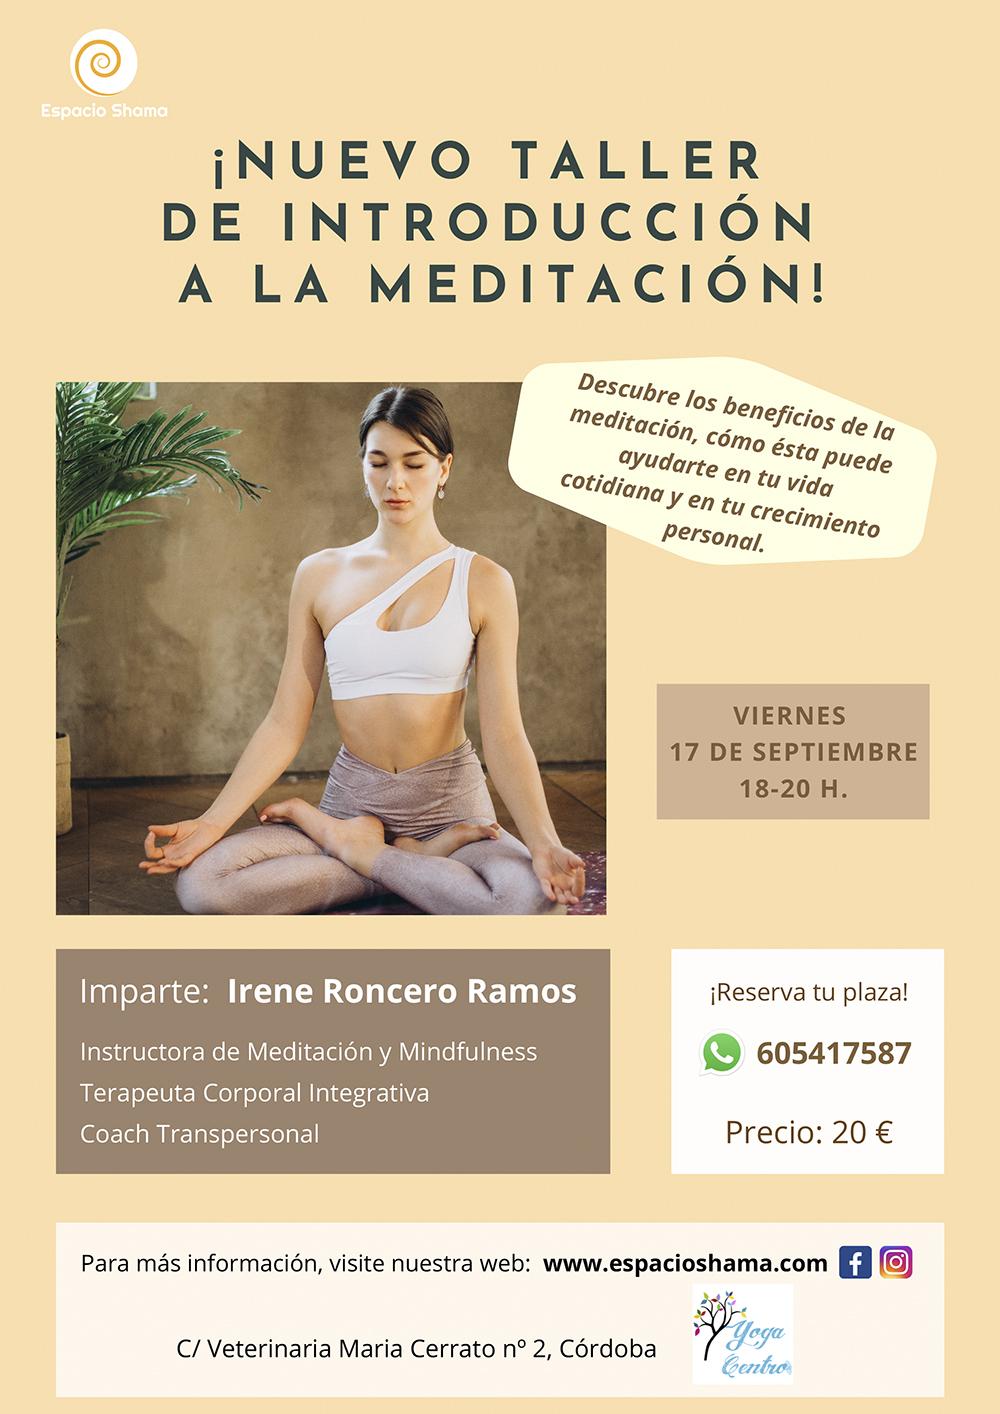 Taller de introducción a la Meditación